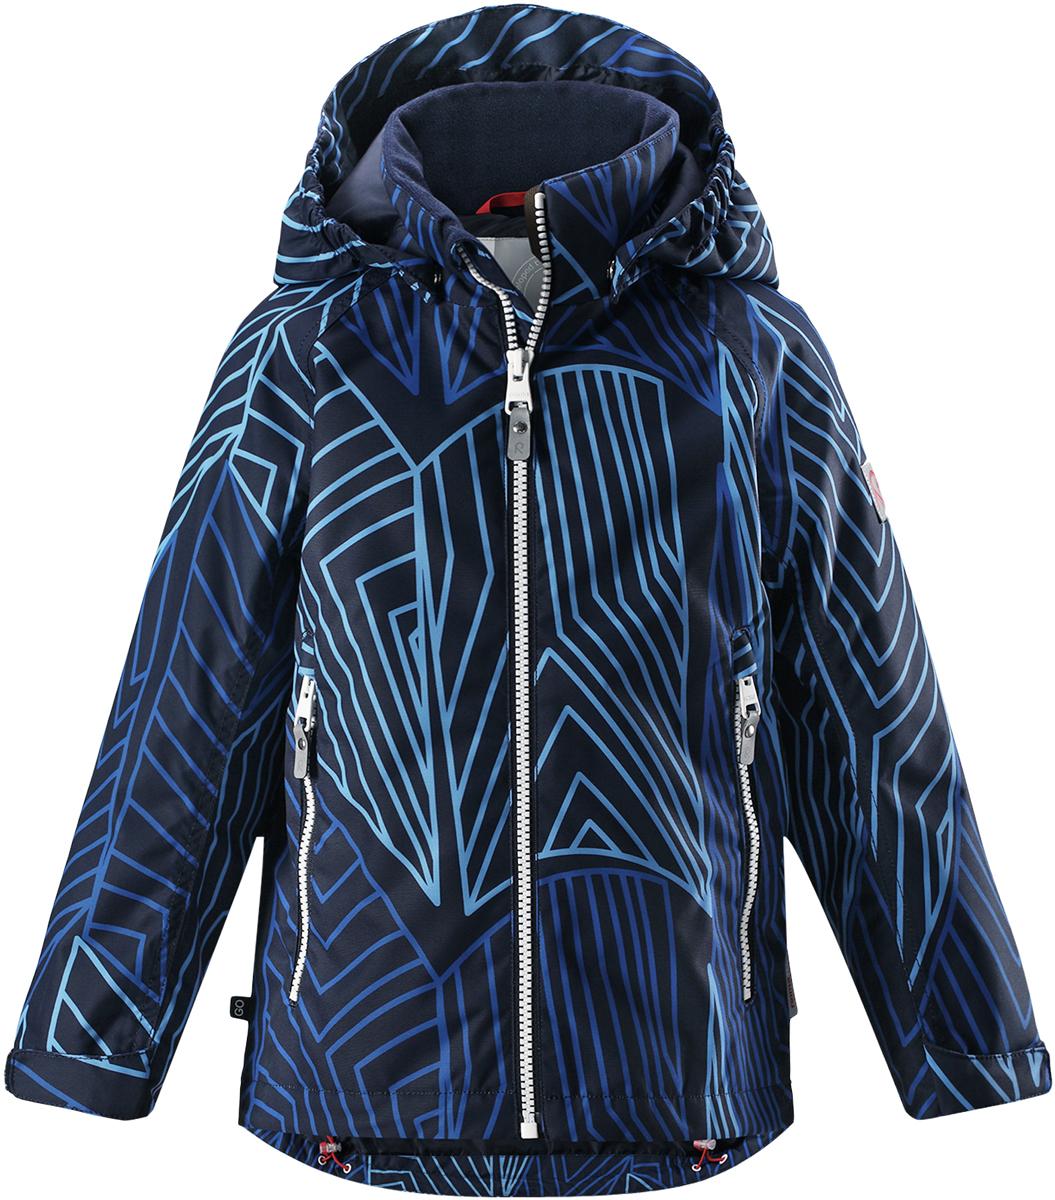 Куртка детская Reima, цвет: синий. 521526R6982. Размер 140521526R6982Детская куртка Reima выполнена из полиэстера с полиуретановым покрытием. Модель с воротником стойкой и съемным капюшоном застегивается на застежку-молнию. Капюшон пристегивается с помощью кнопок. Спереди расположены прорезные карманы на застежках-молниях. Низы рукавов дополнены хлястиками на липучках.